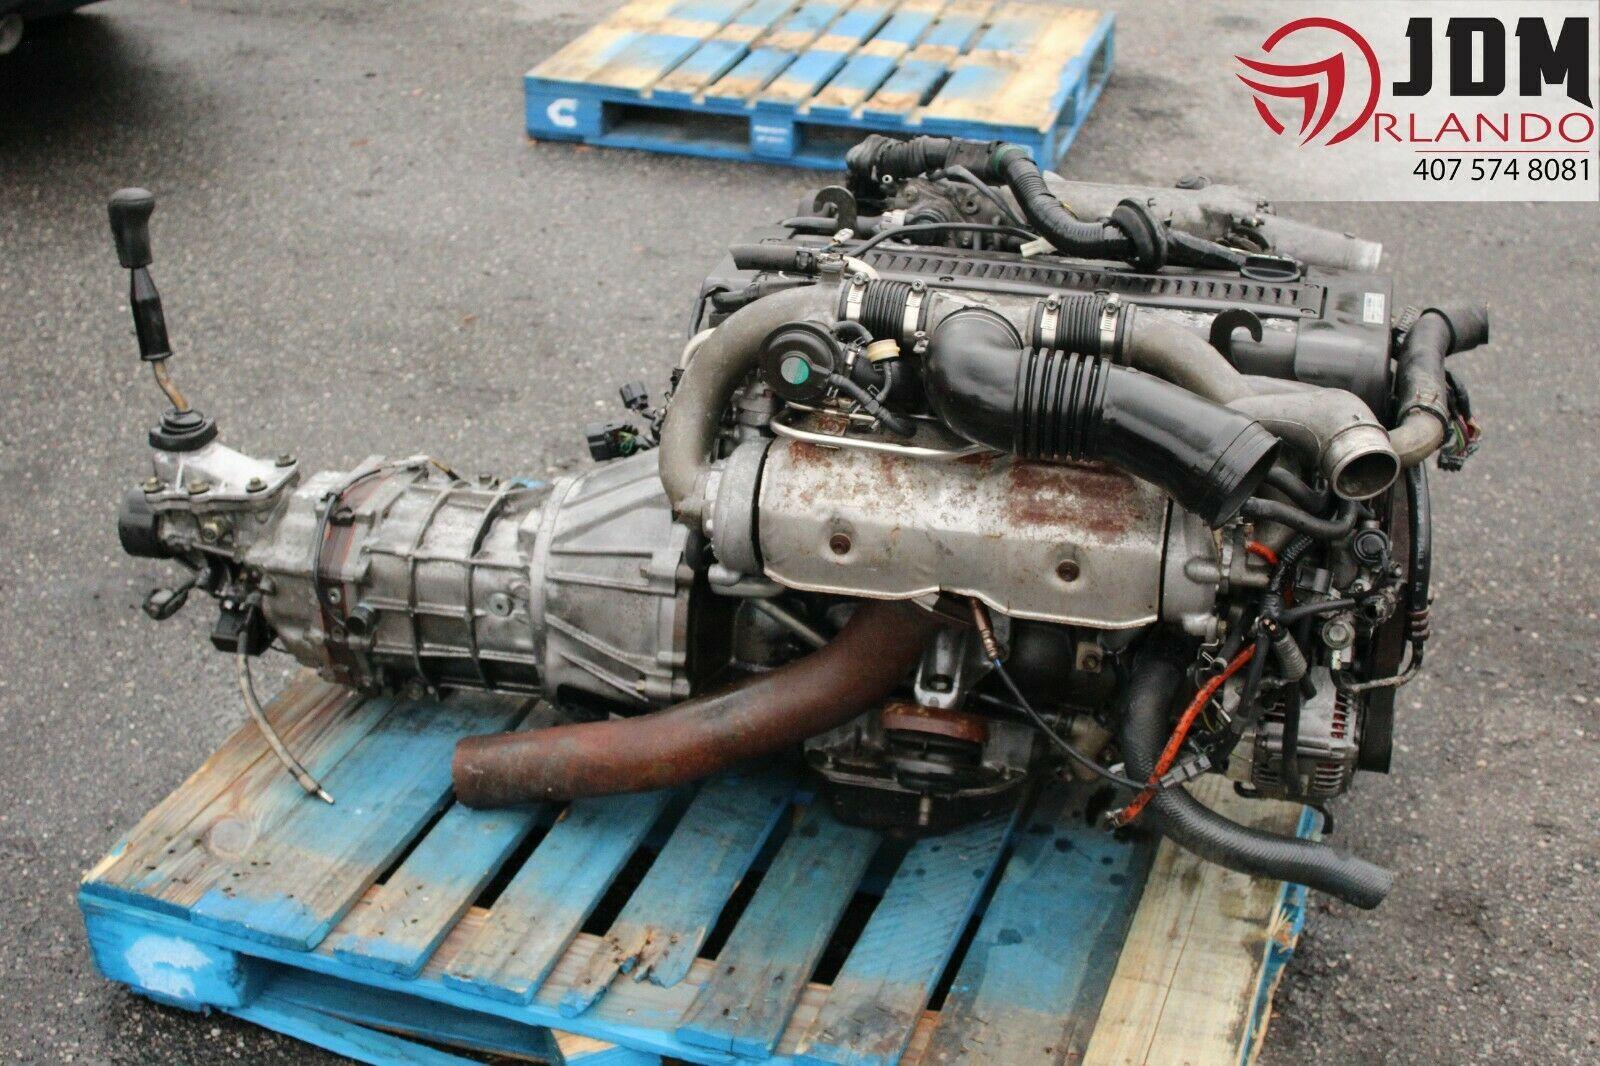 Toyota Supra 2 5L Twin Turbo Engine R154 Transmission Loom & ECU JDM 1JZ-GTE